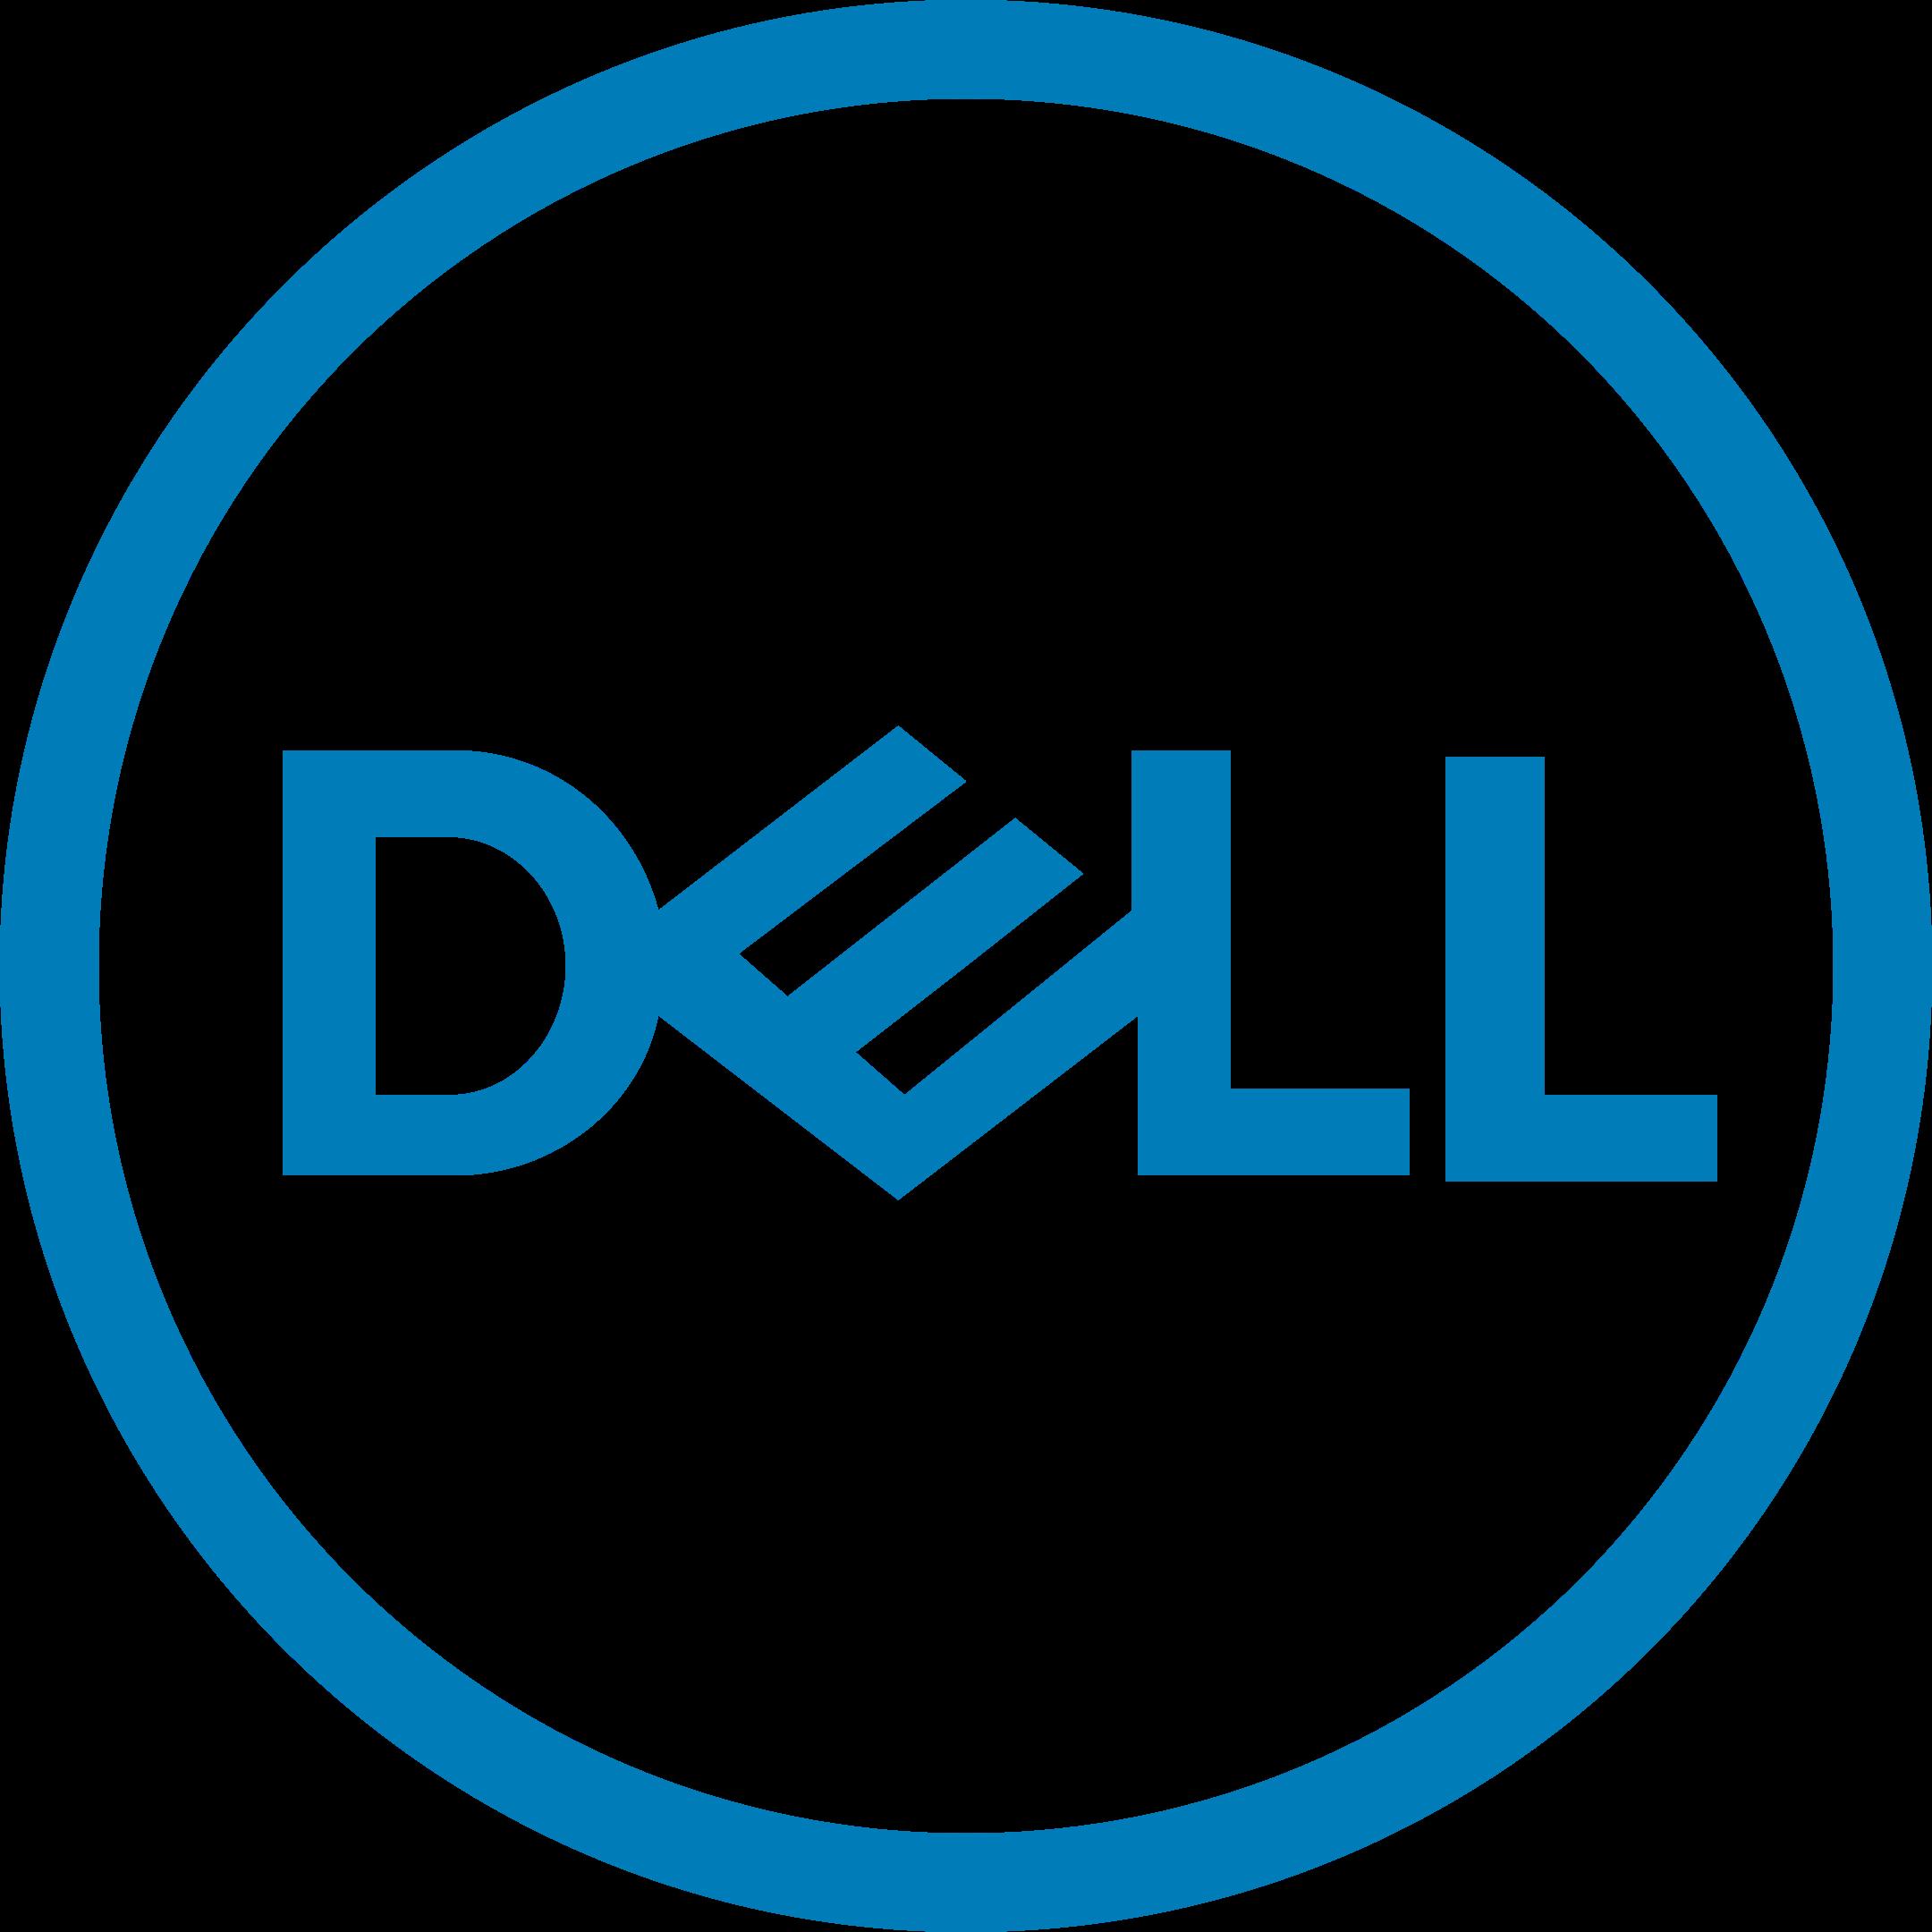 dell logo 1 1 - Dell Logo